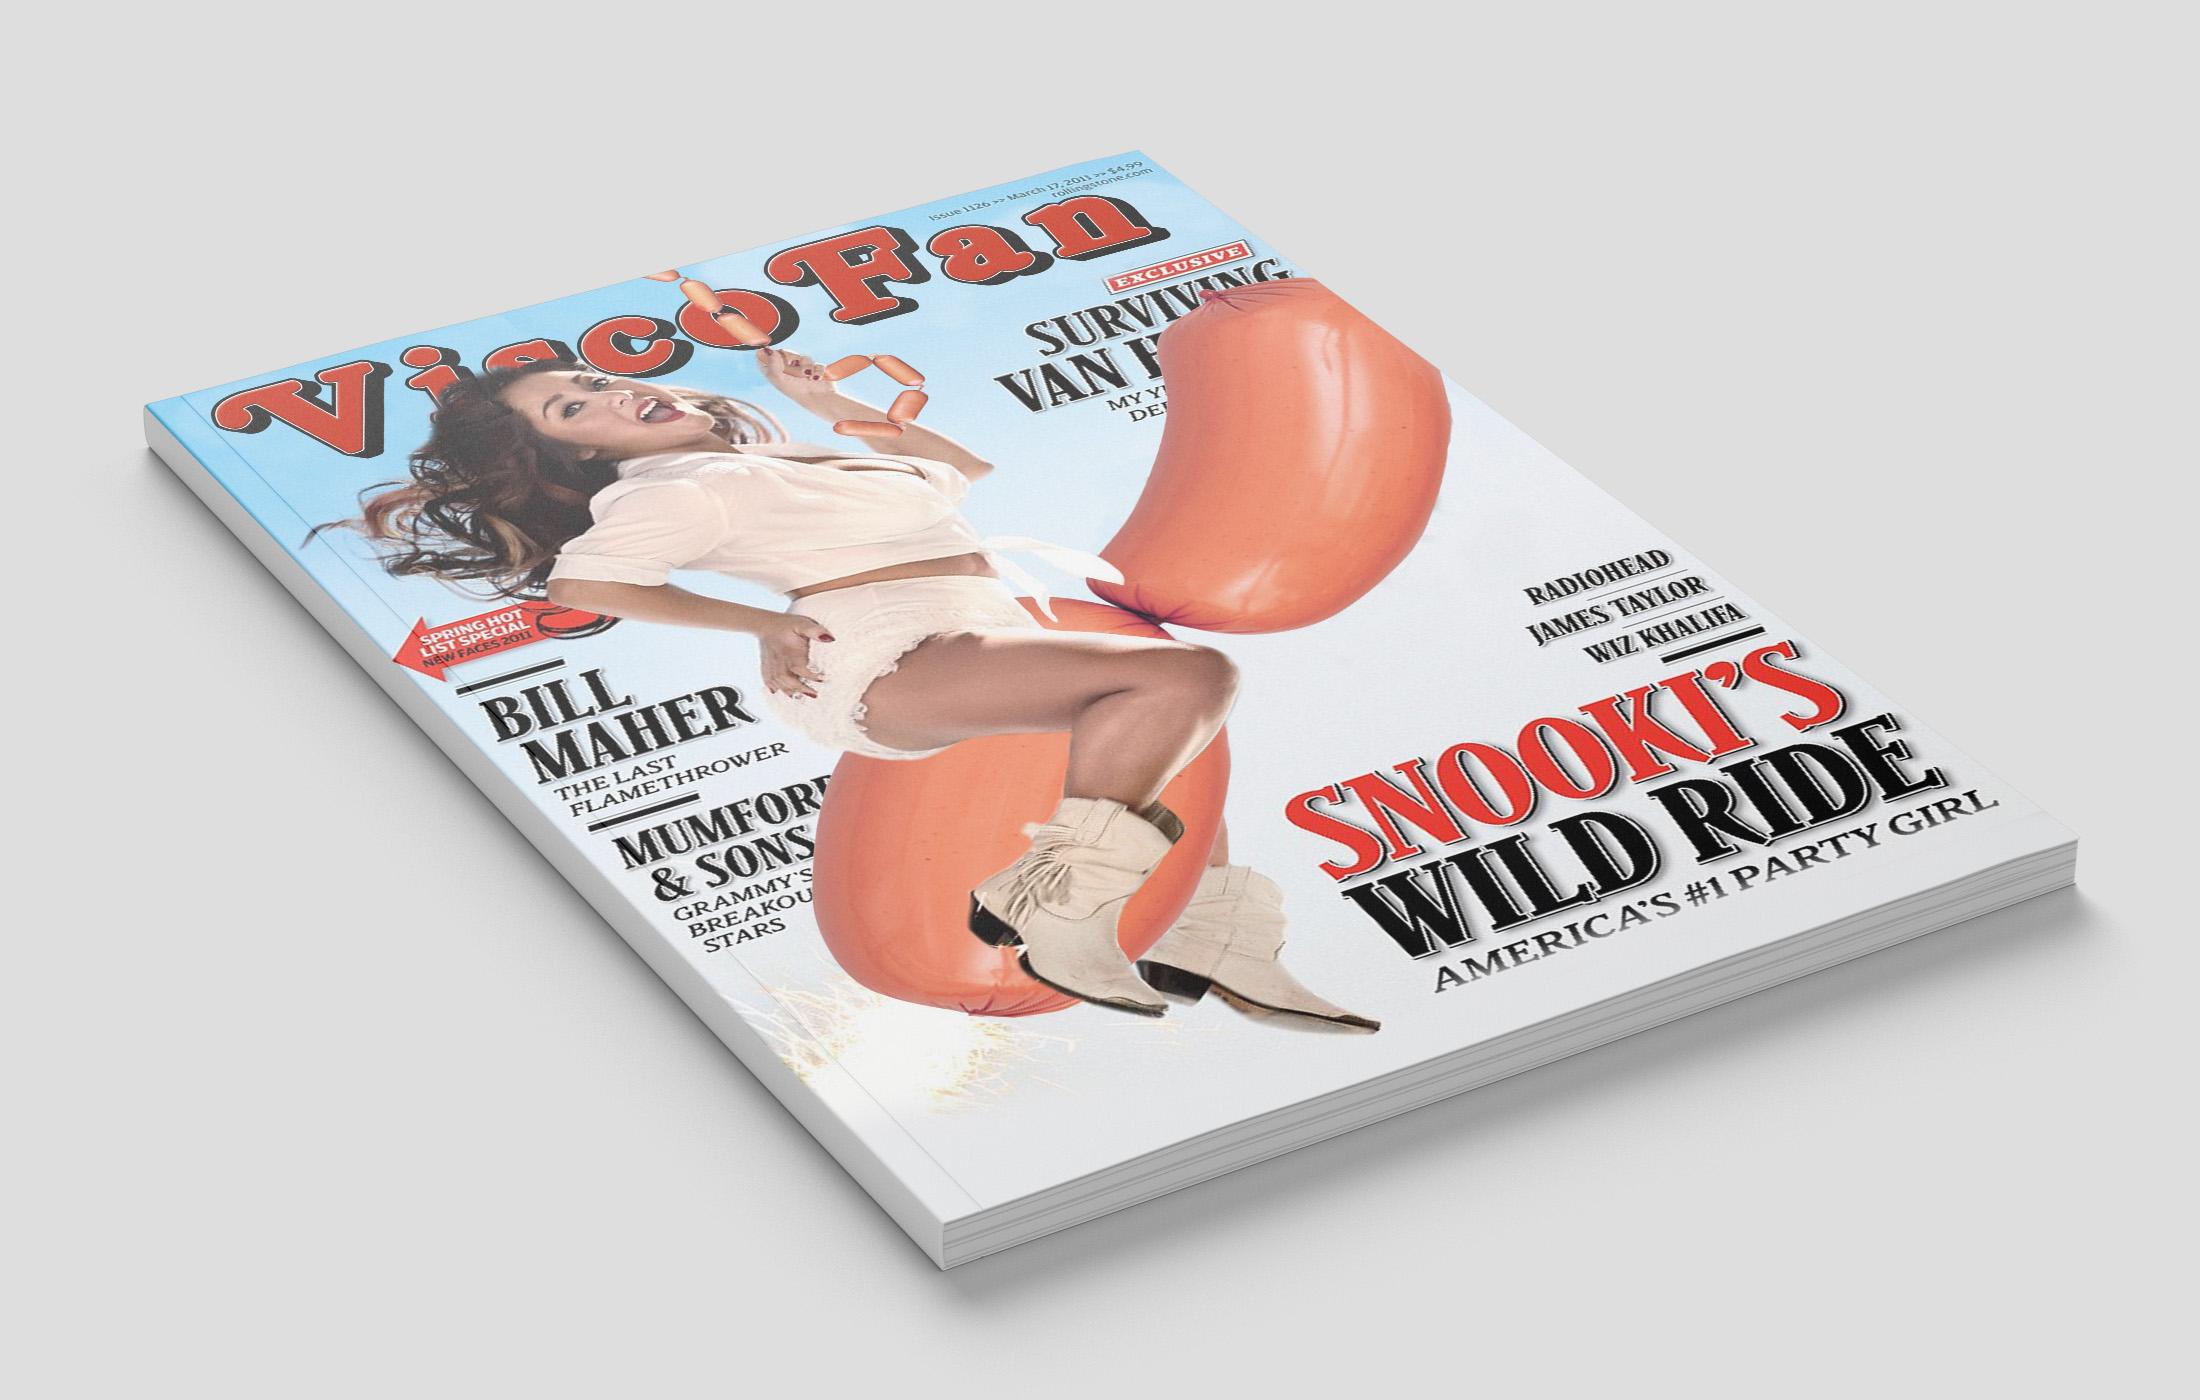 Полиграфический дизайн, Журнальный дизайн, Коллаж.  фото f_1225d6bc447b7958.jpg